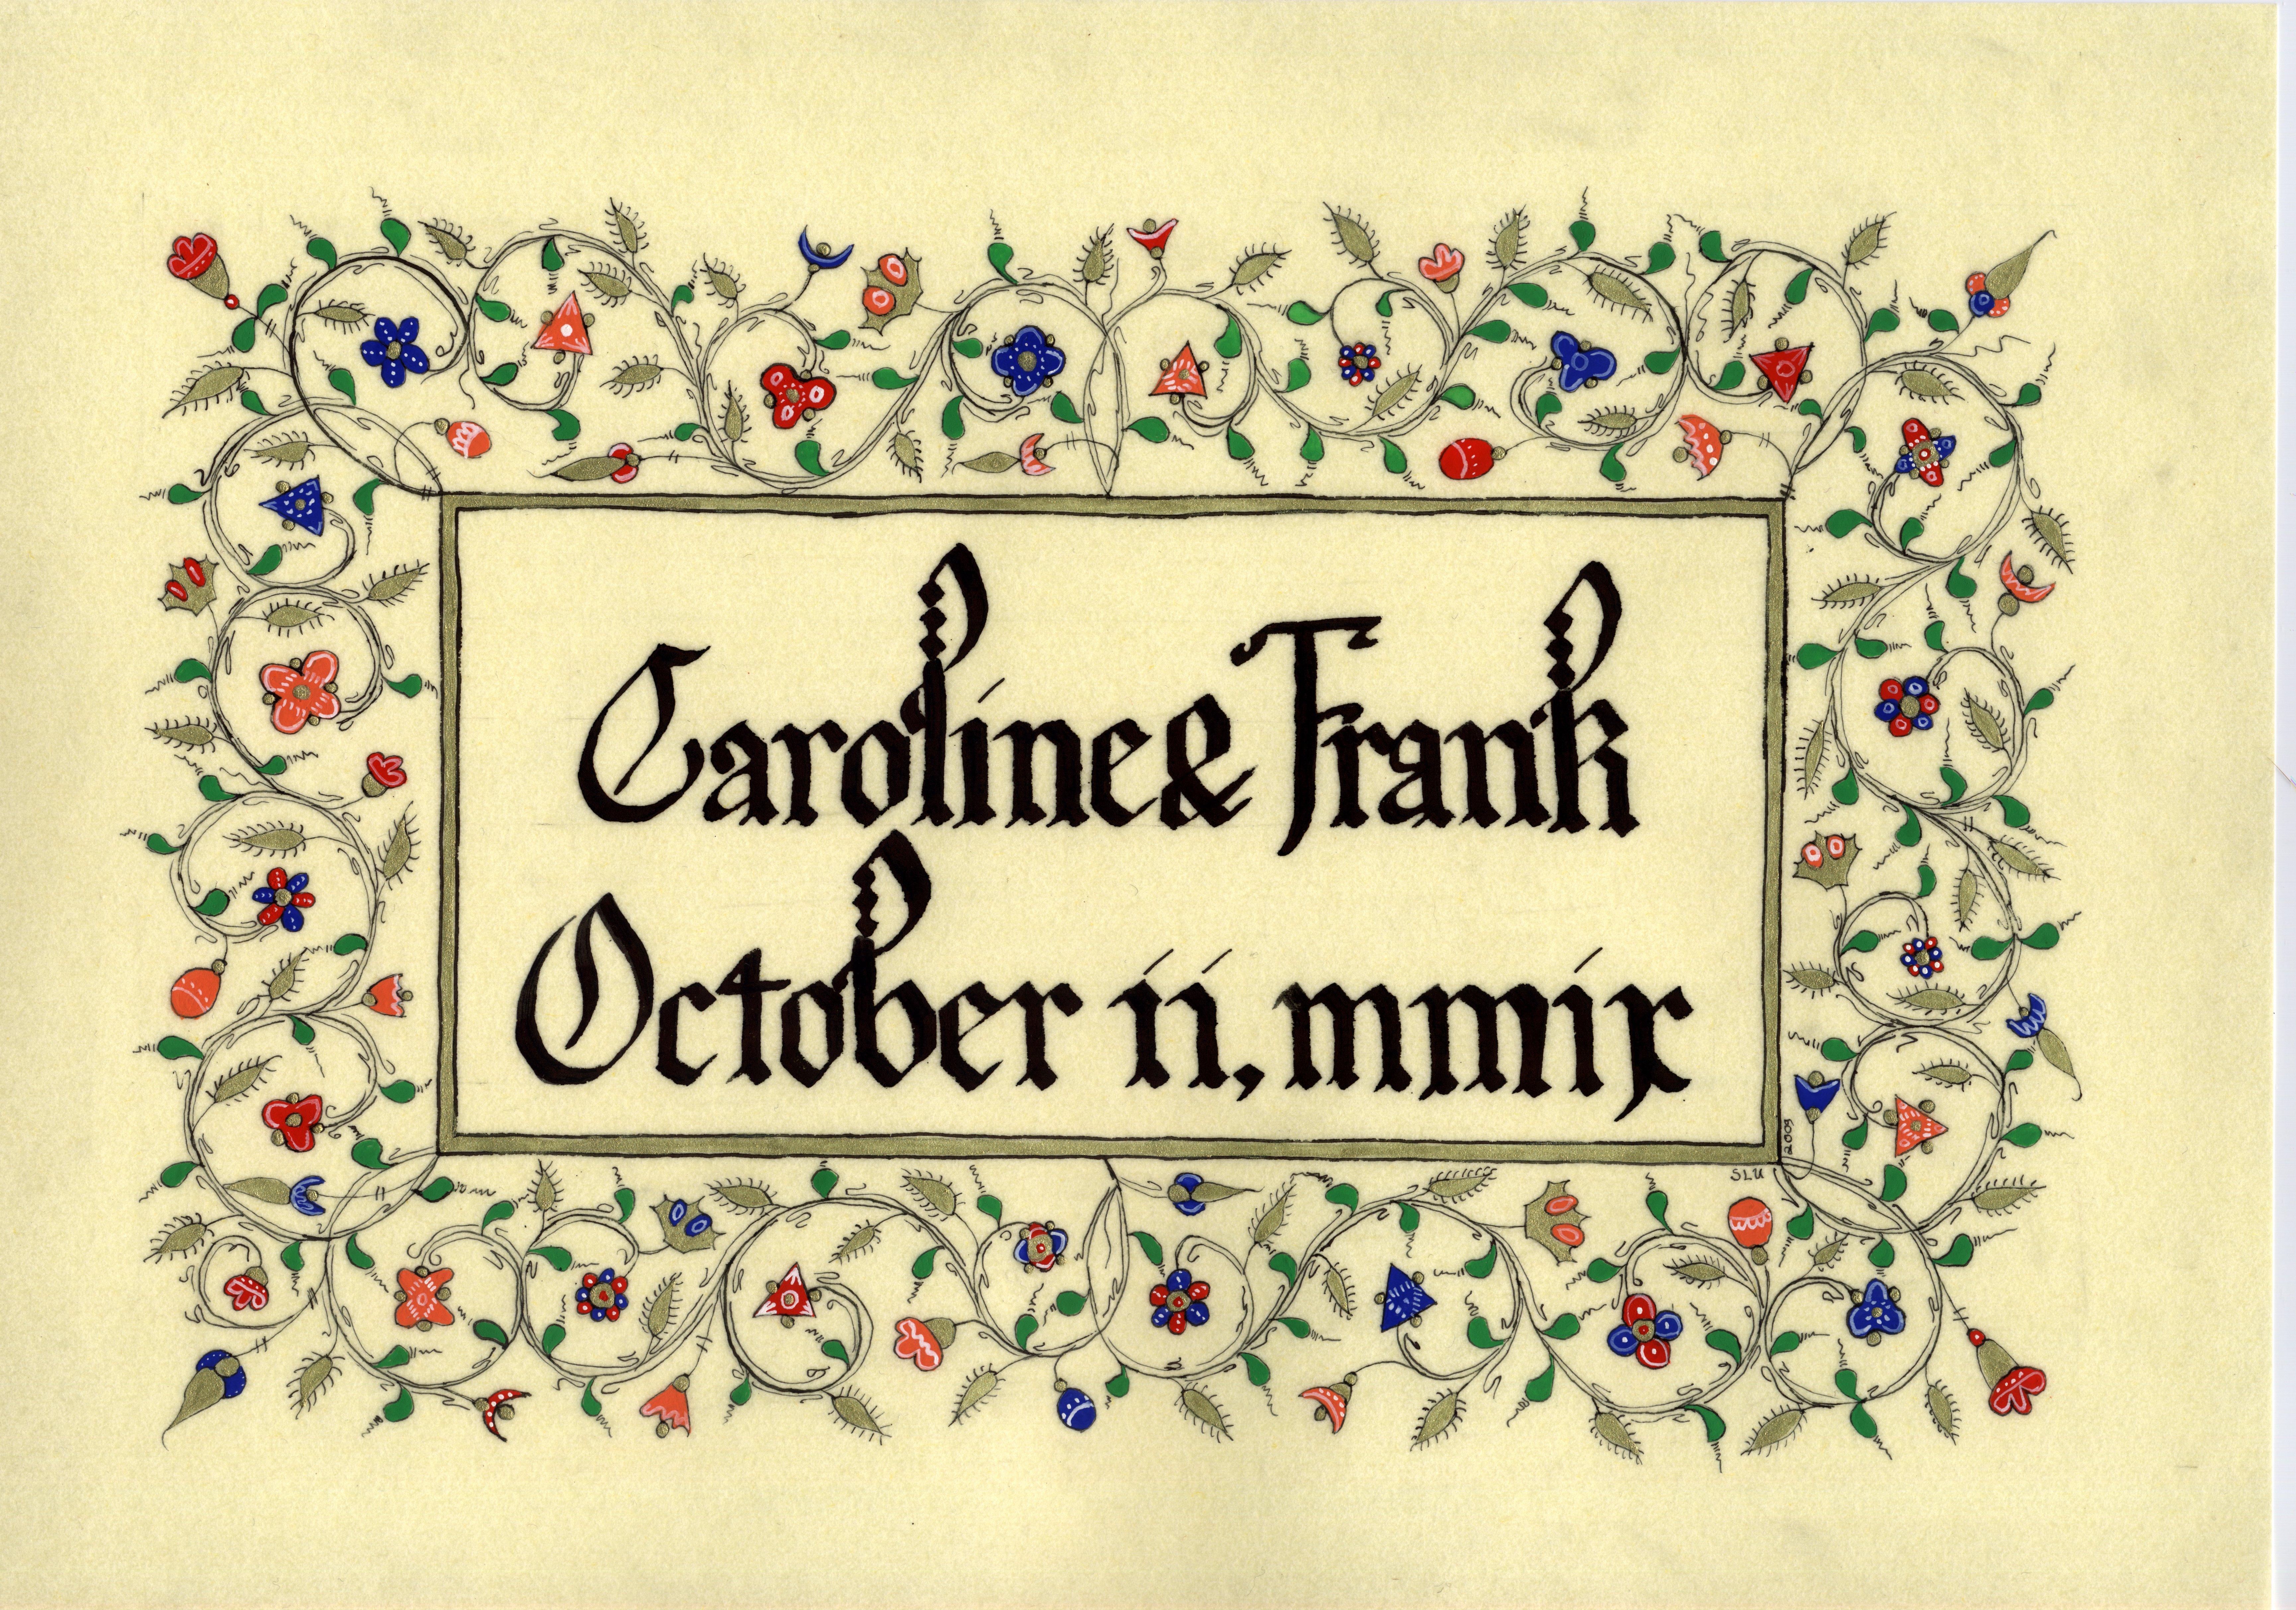 Caroline & Frank